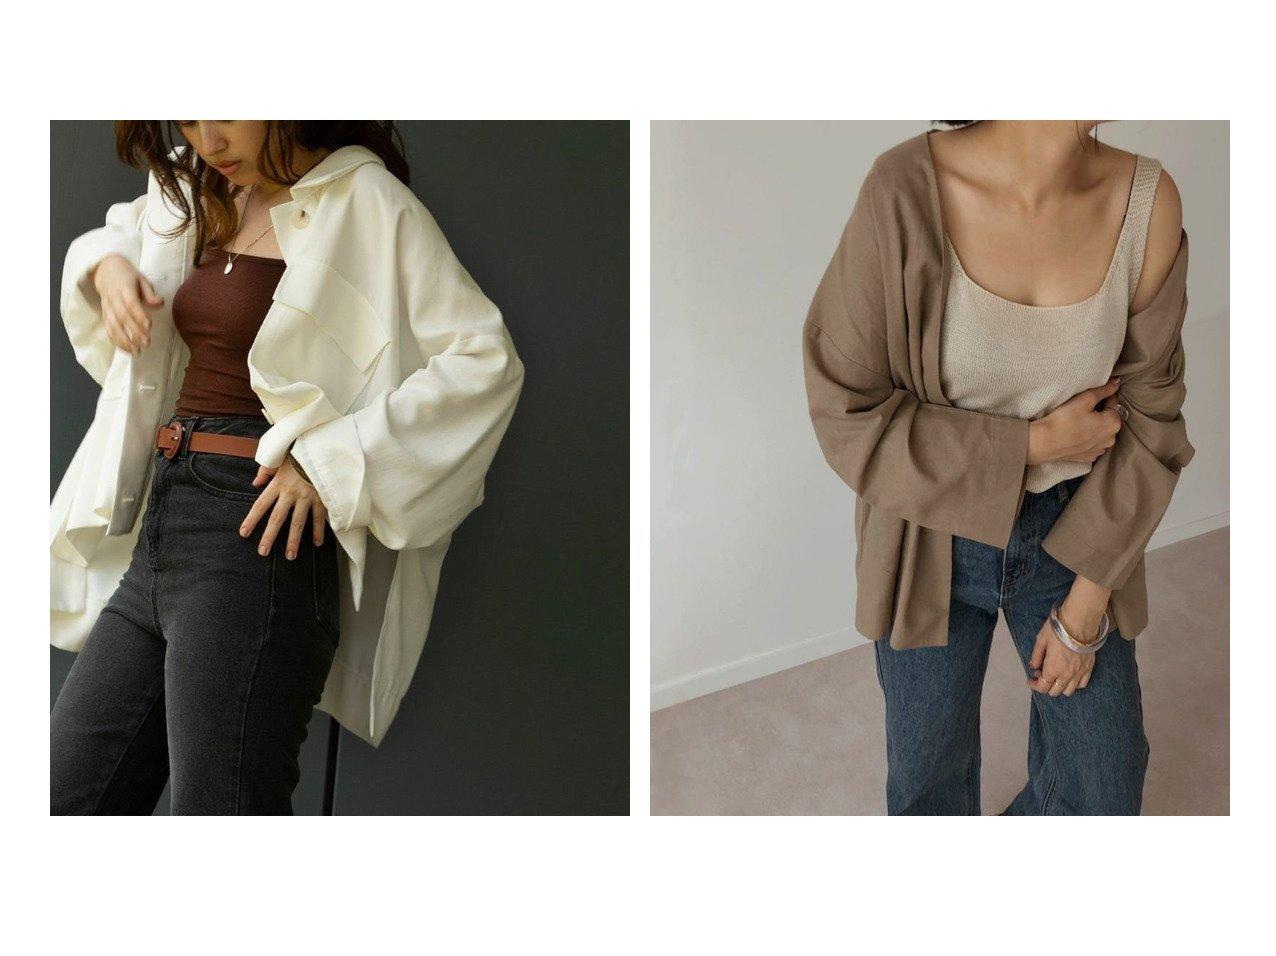 【marjour/マージュール】のmarjourシャツジャケット SHIRTS JACKET&marjourコットンジャケット COTTON JACKET マージュールのおすすめ!人気、トレンド・レディースファッションの通販 おすすめで人気の流行・トレンド、ファッションの通販商品 メンズファッション・キッズファッション・インテリア・家具・レディースファッション・服の通販 founy(ファニー) https://founy.com/ ファッション Fashion レディースファッション WOMEN アウター Coat Outerwear ジャケット Jackets おすすめ Recommend サマー ジャケット ポケット マーブル ルーズ ワイド 春 Spring キャミソール シンプル ノースリーブ バングル ブレスレット |ID:crp329100000021552